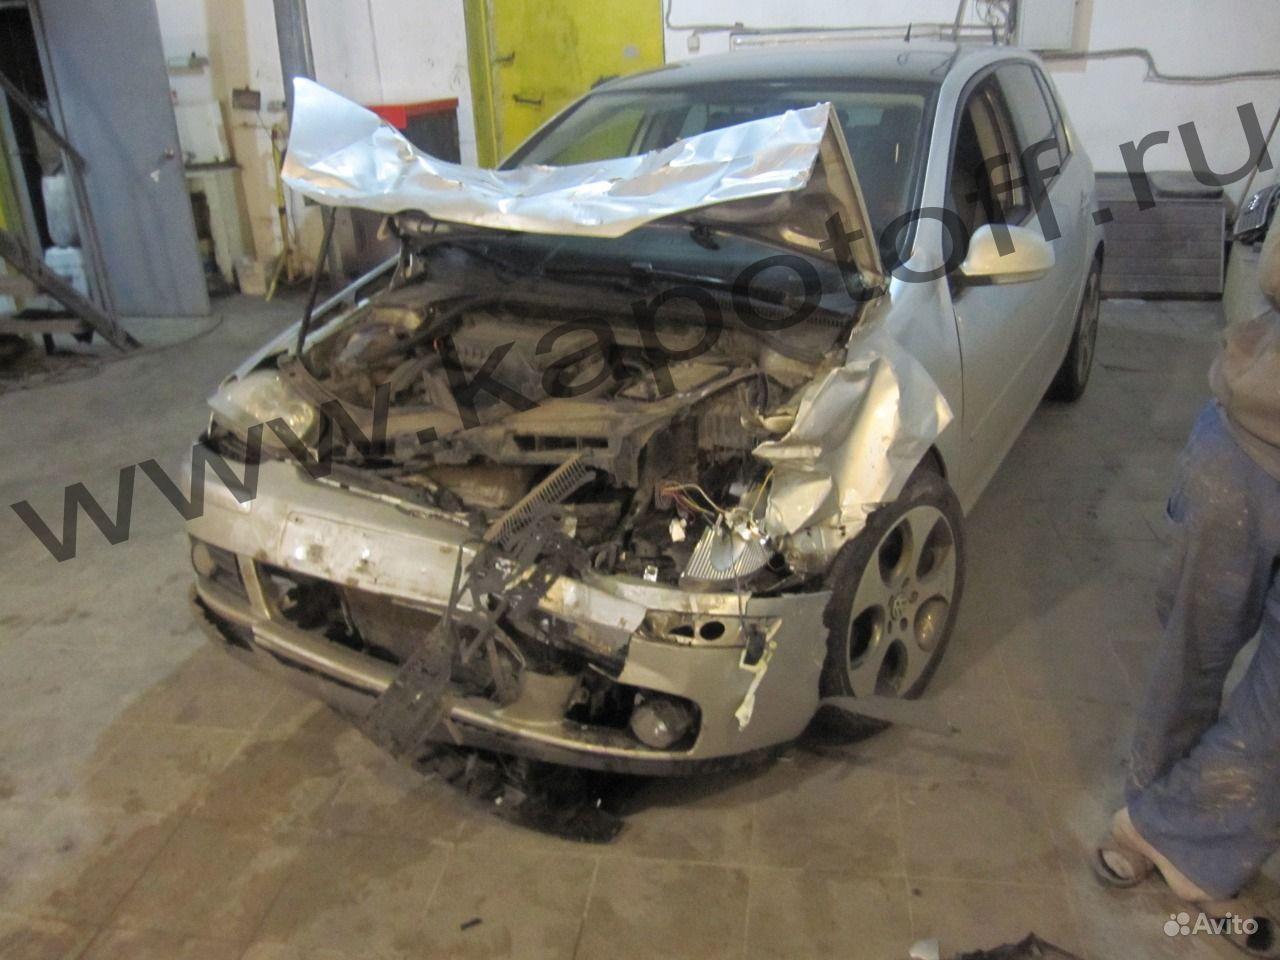 Ремонт радиаторов автомобилей 17 фотография